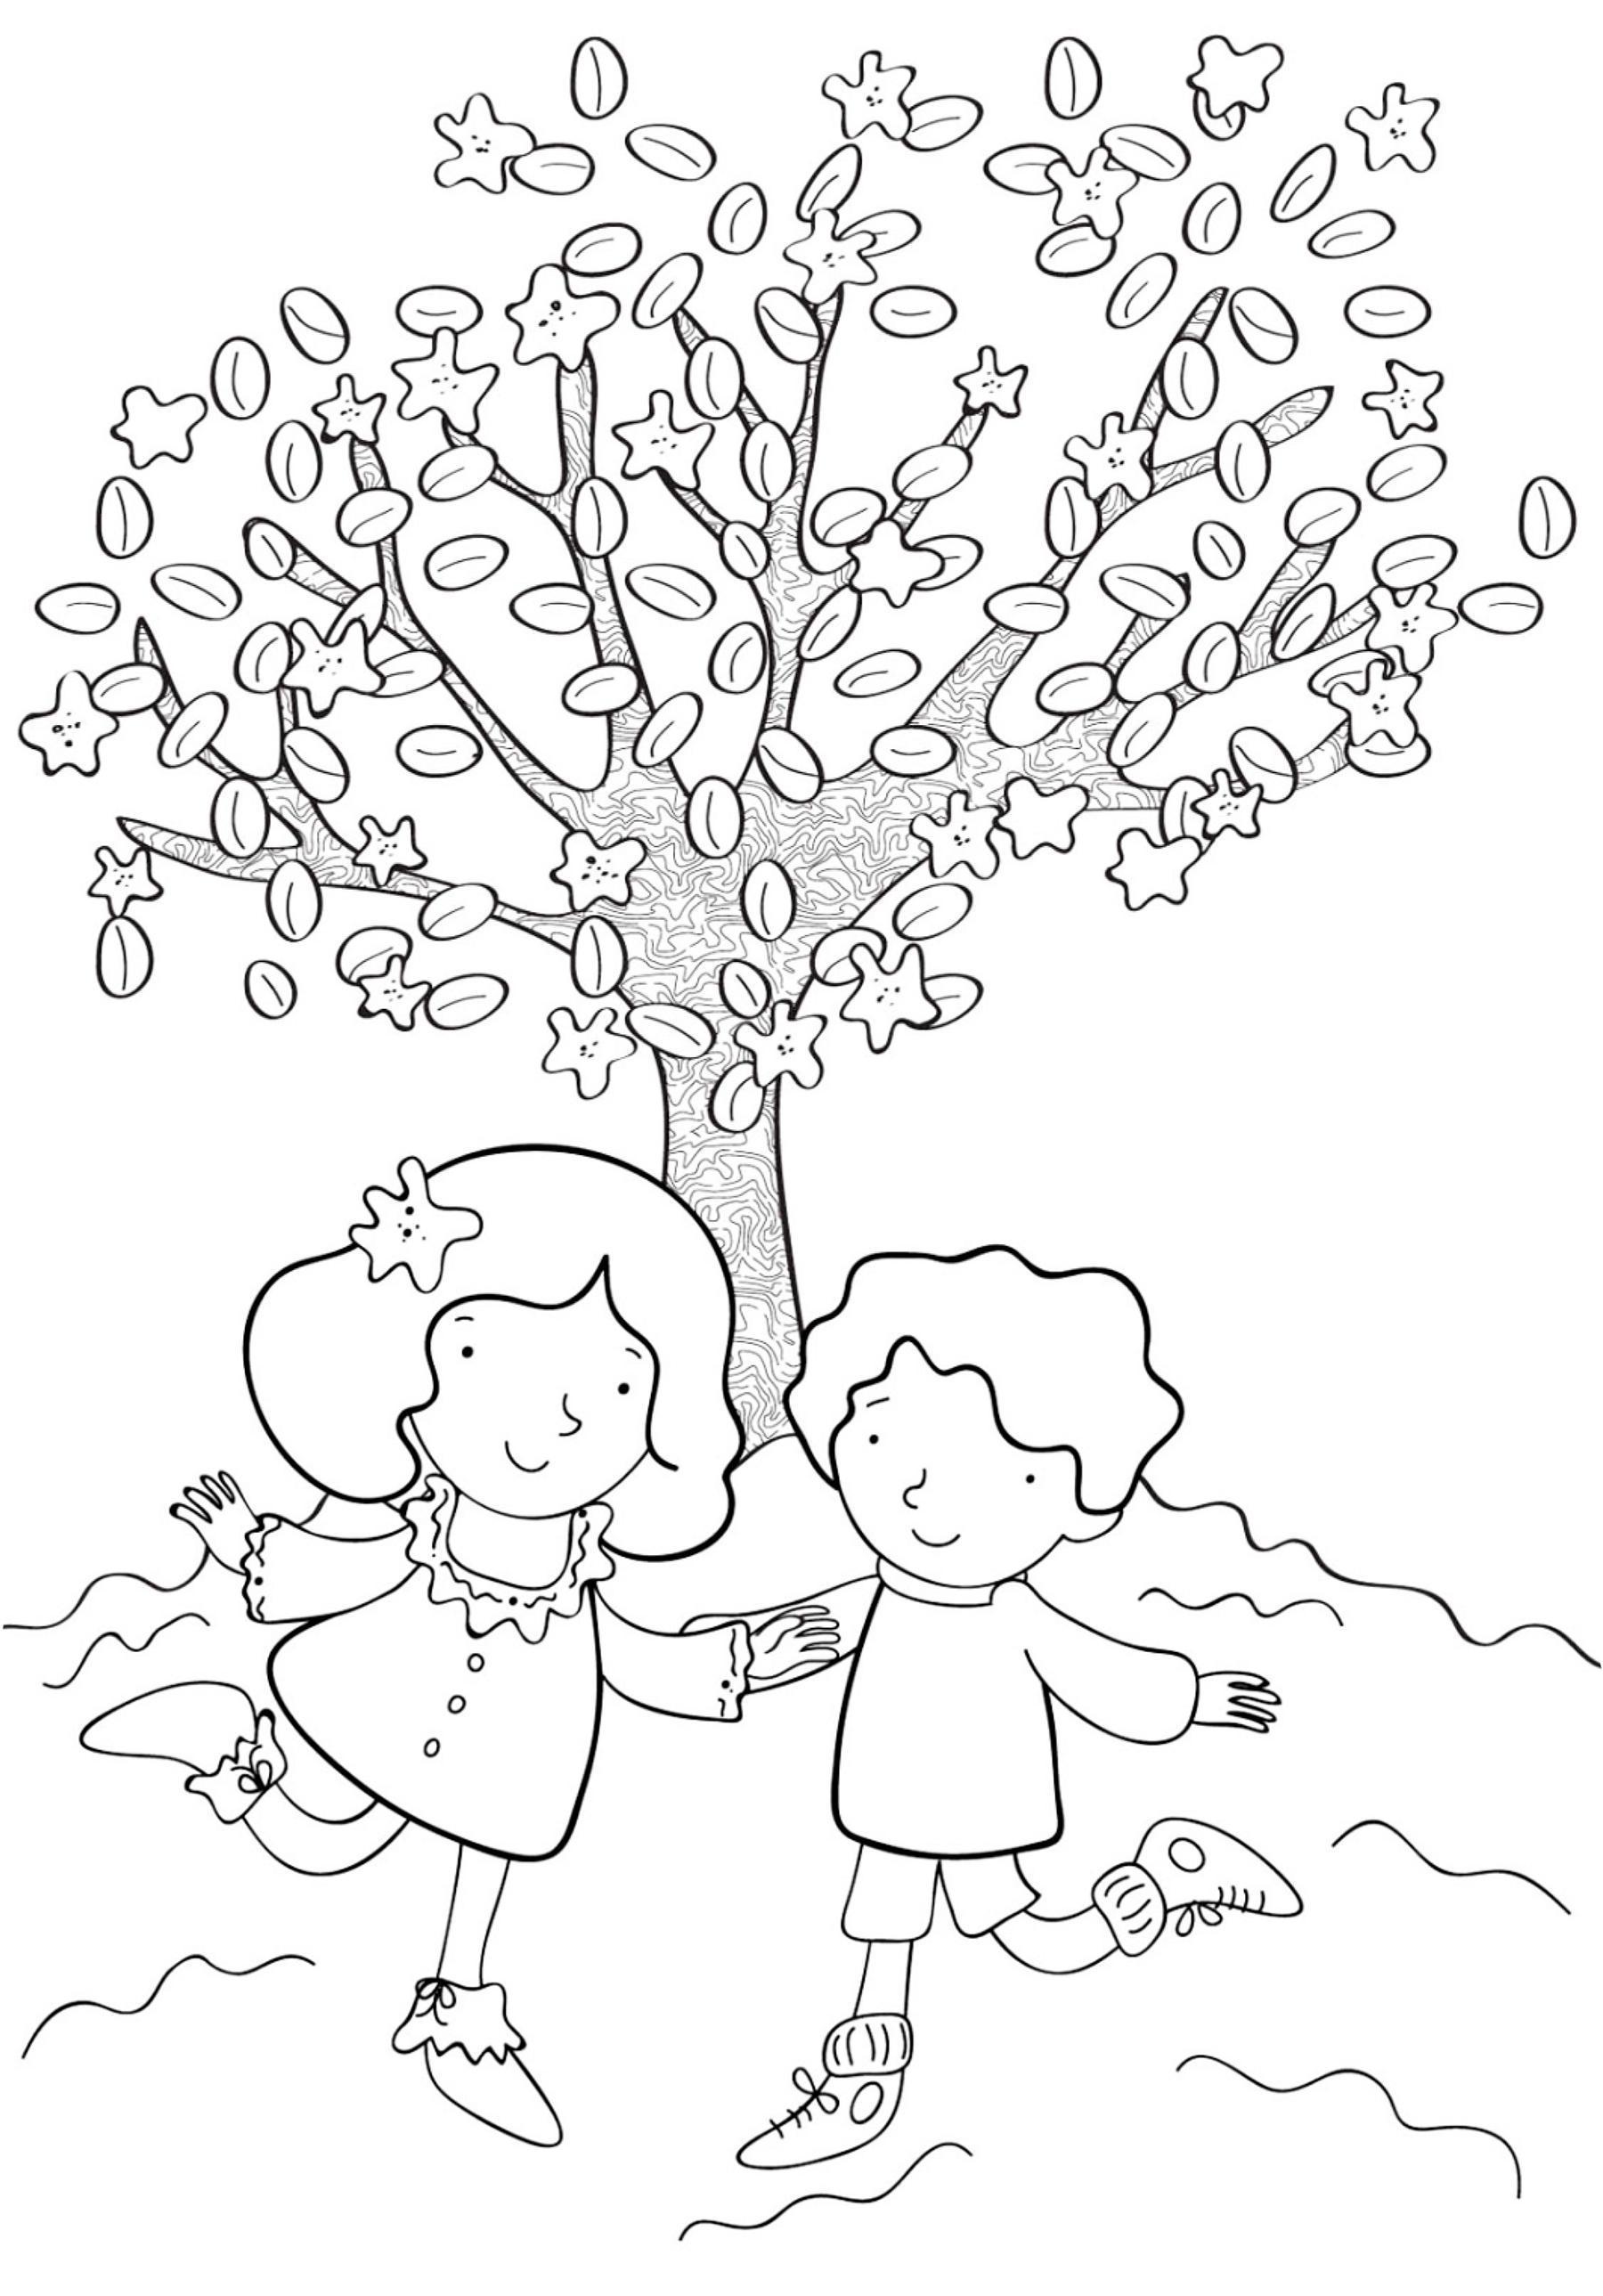 Стихи на 9 мая для детей Стихи ко Дню победы для детей